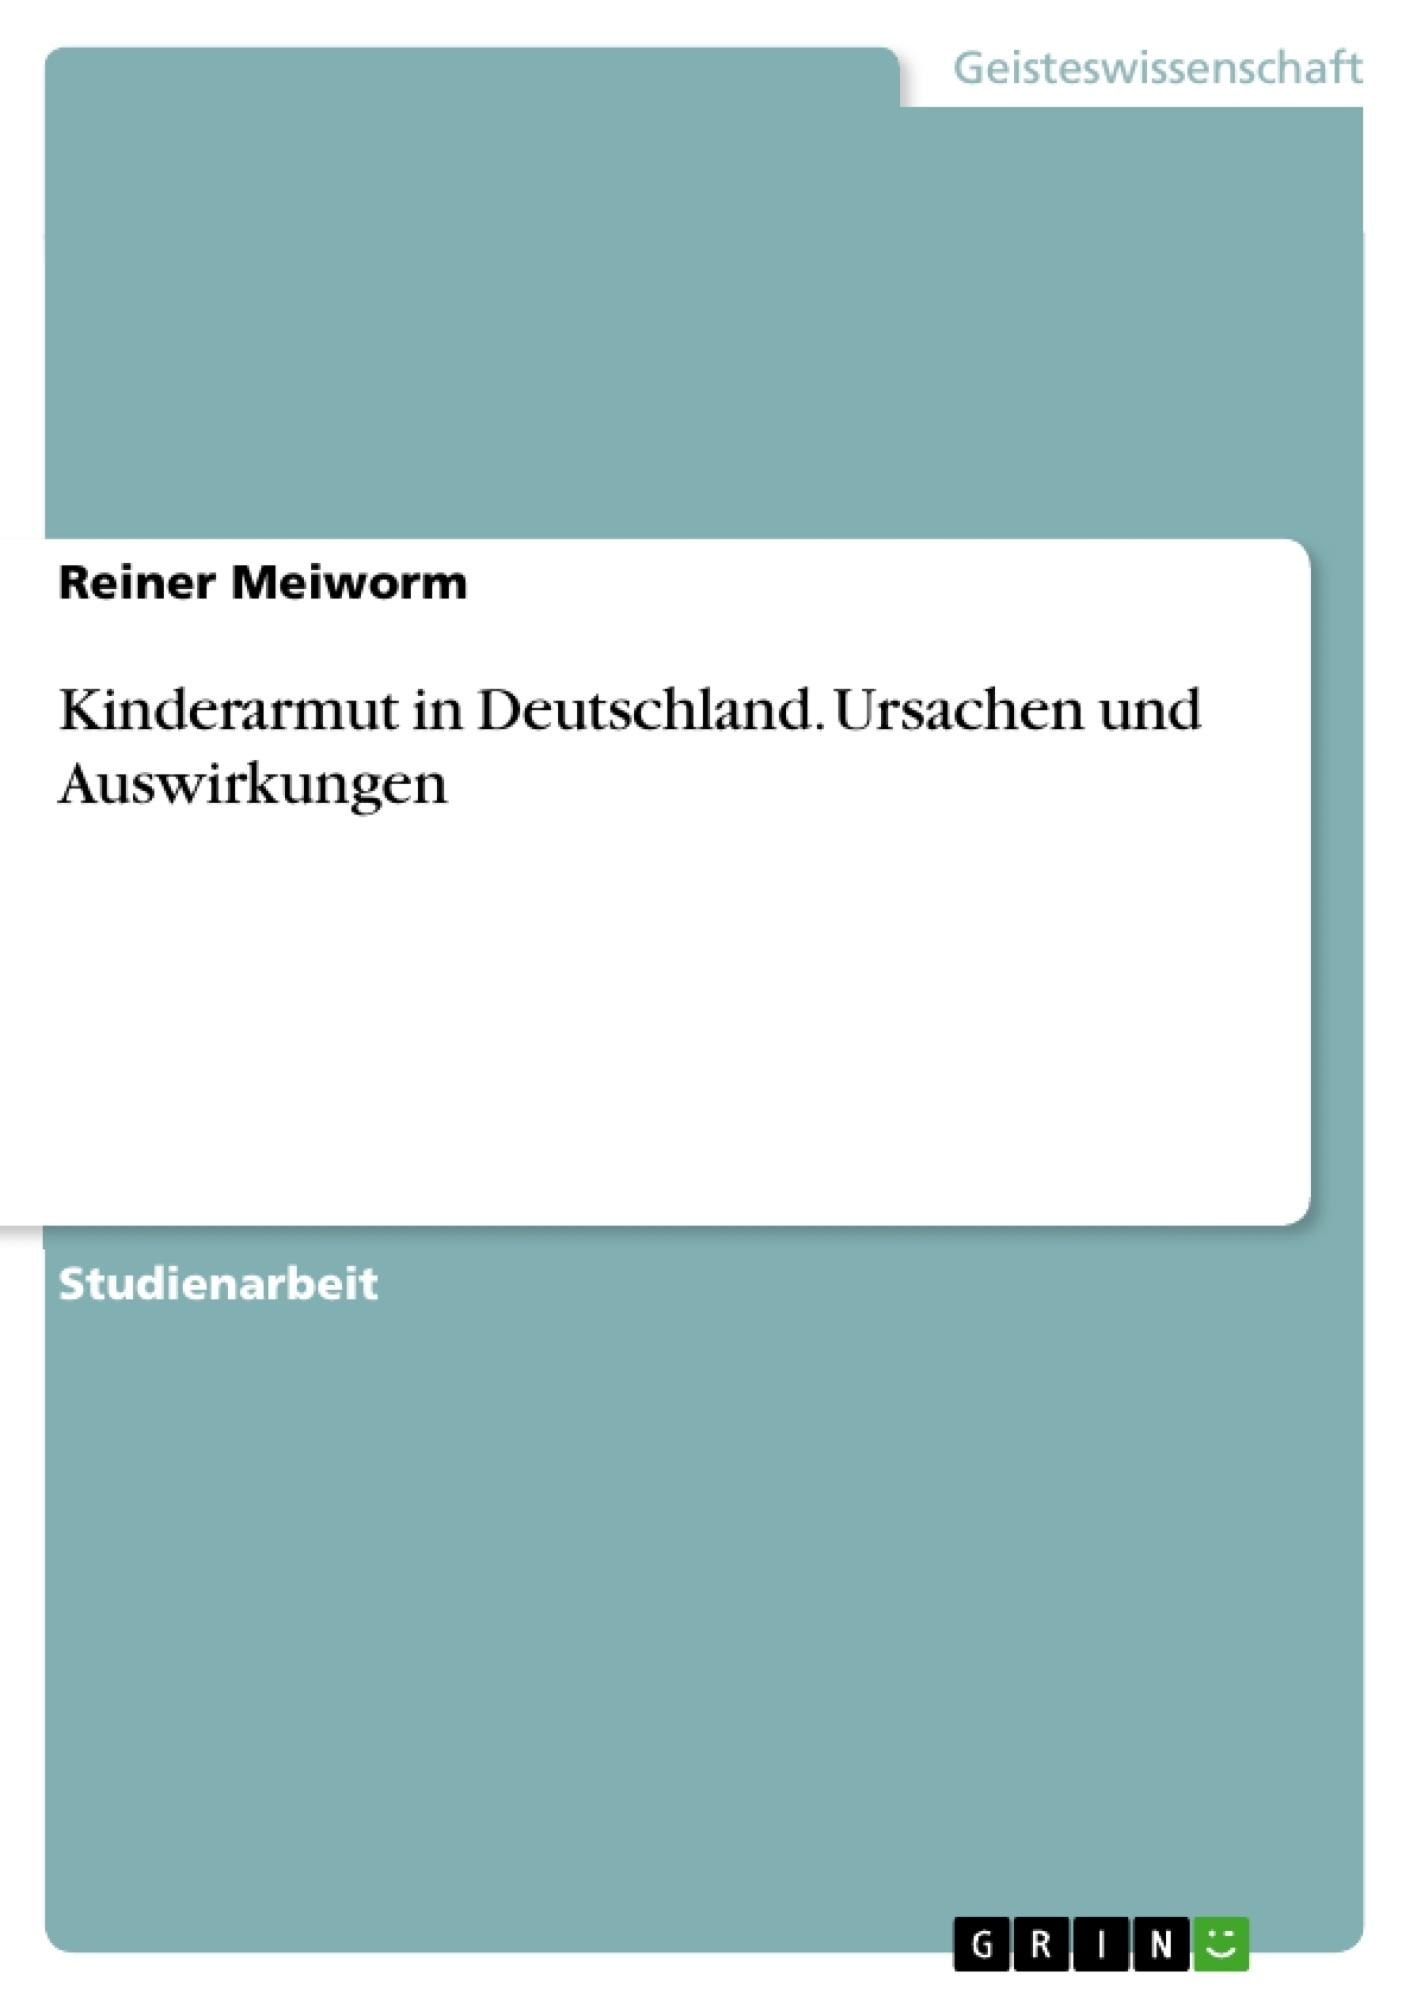 Titel: Kinderarmut in Deutschland. Ursachen und Auswirkungen